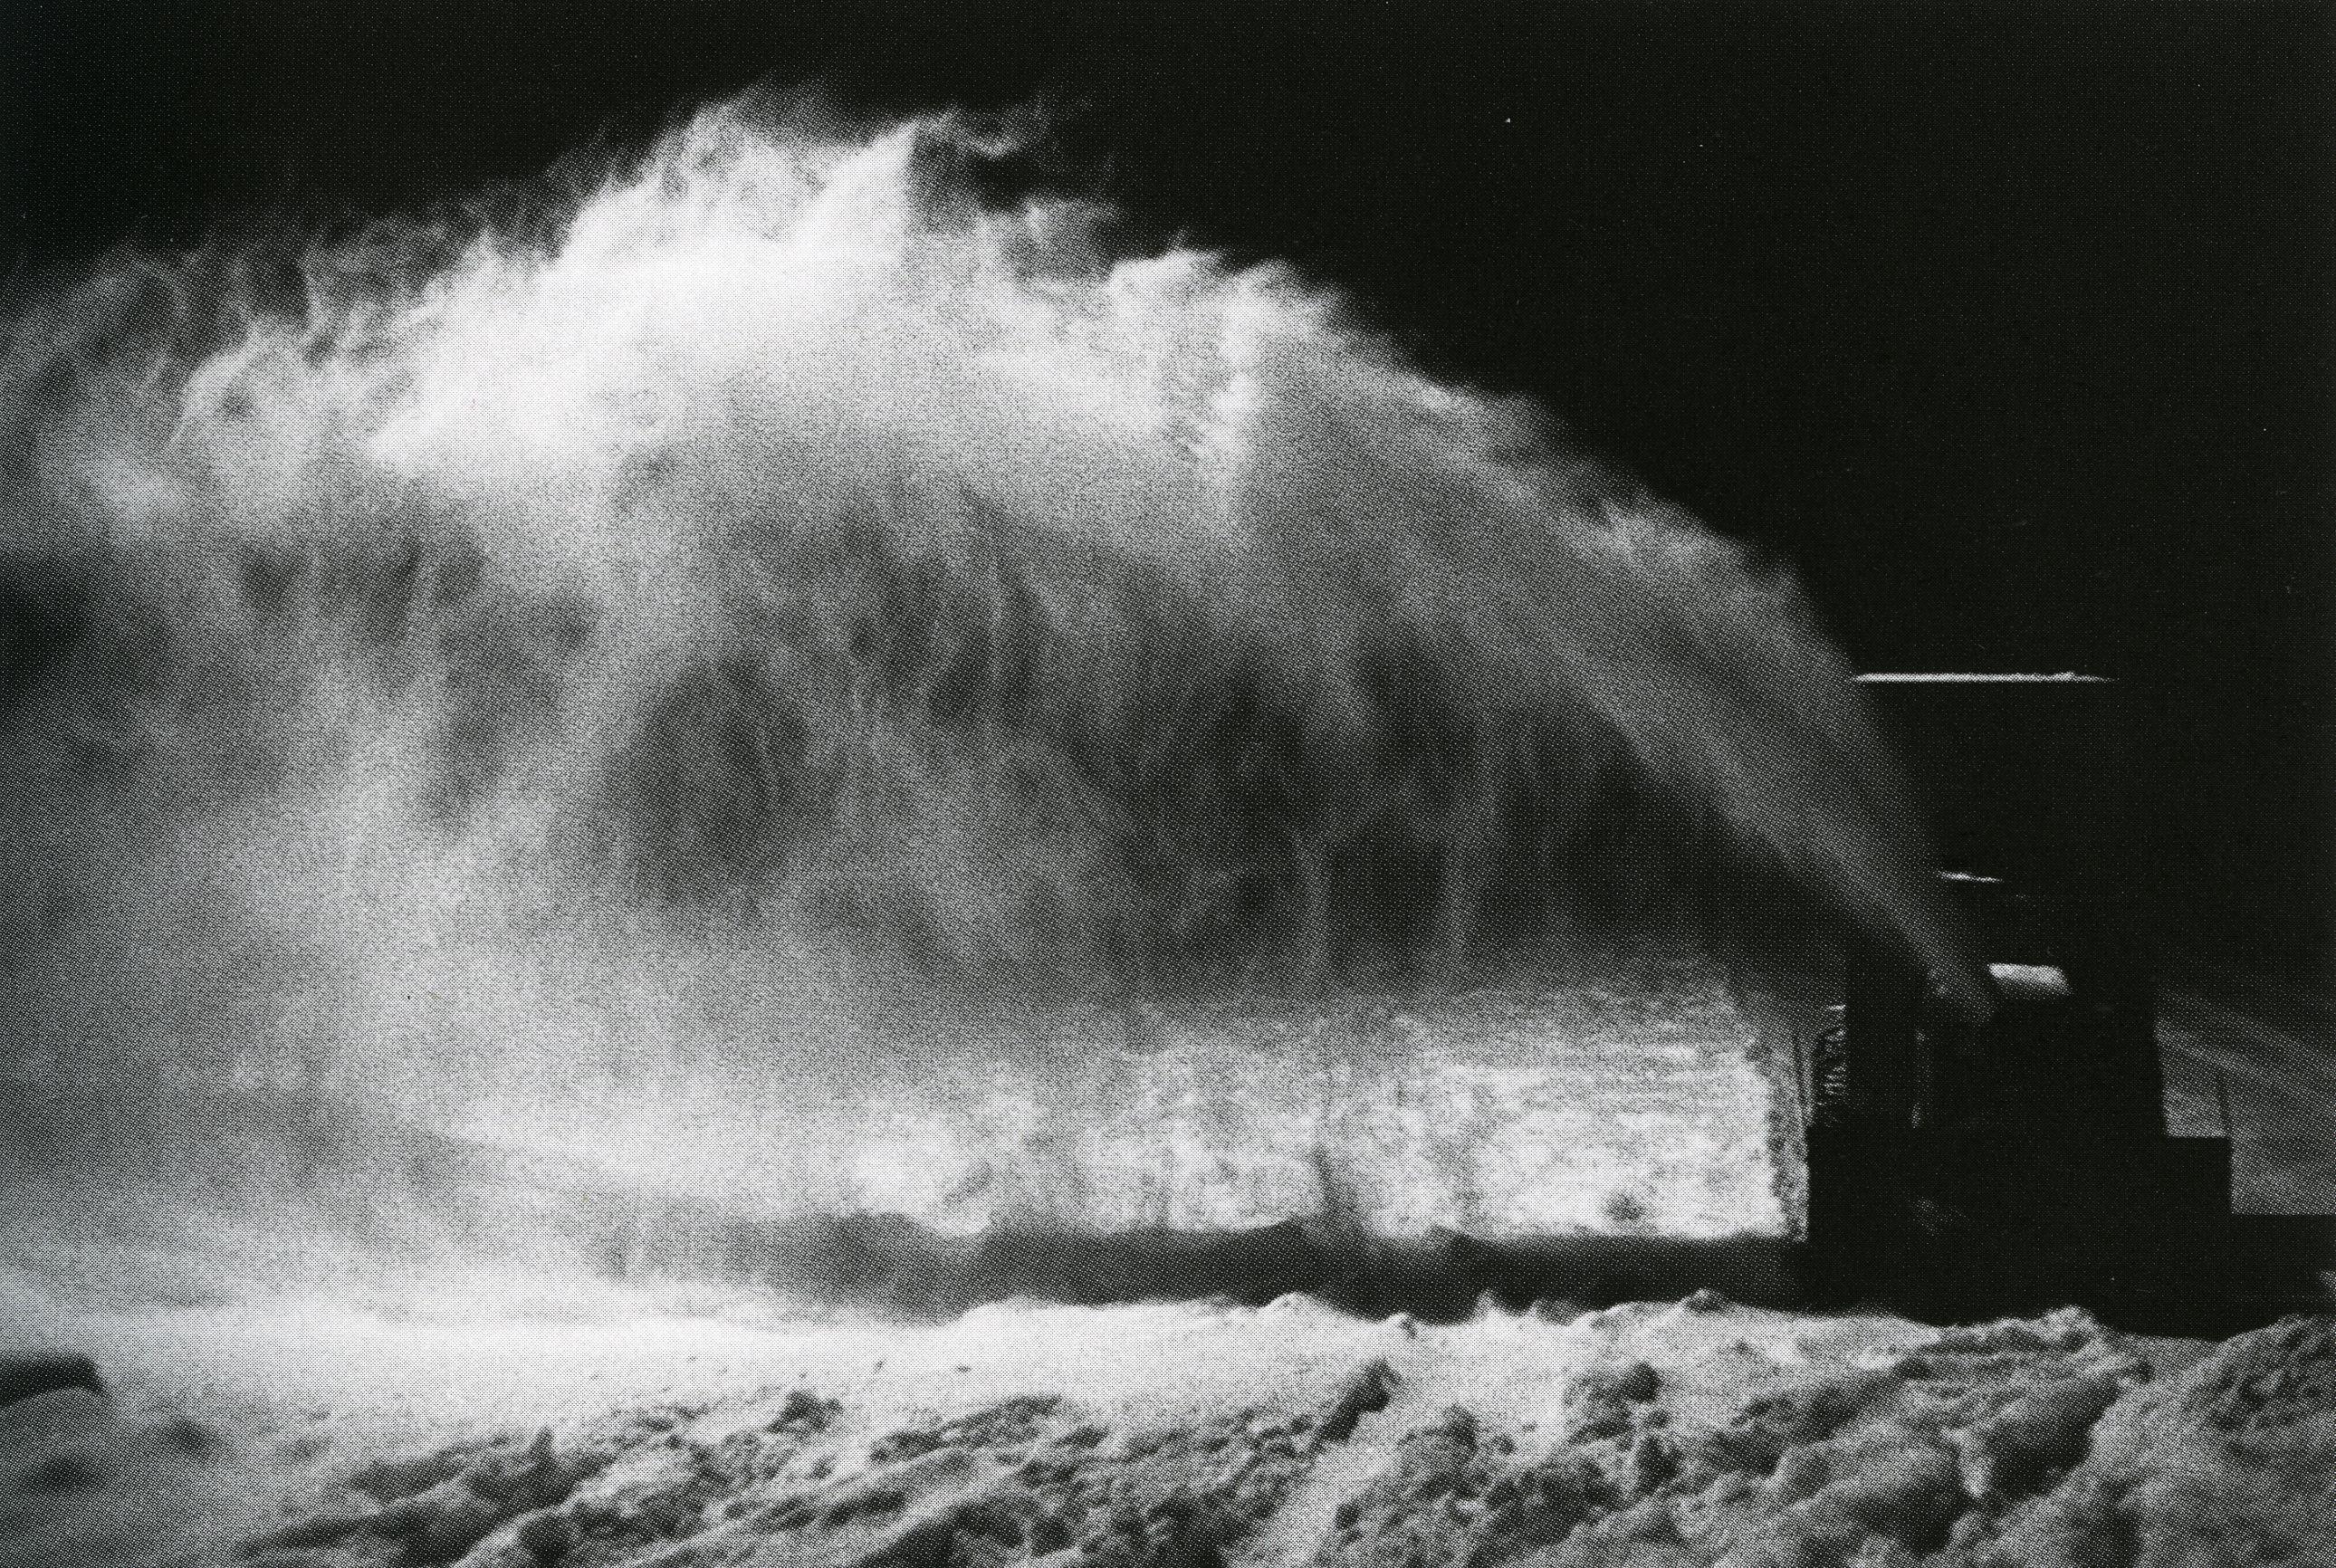 jf leblanc_souffleuse à neige sur patinoire extérieure_Lac-Saint-Jean, QC, 1989_p33